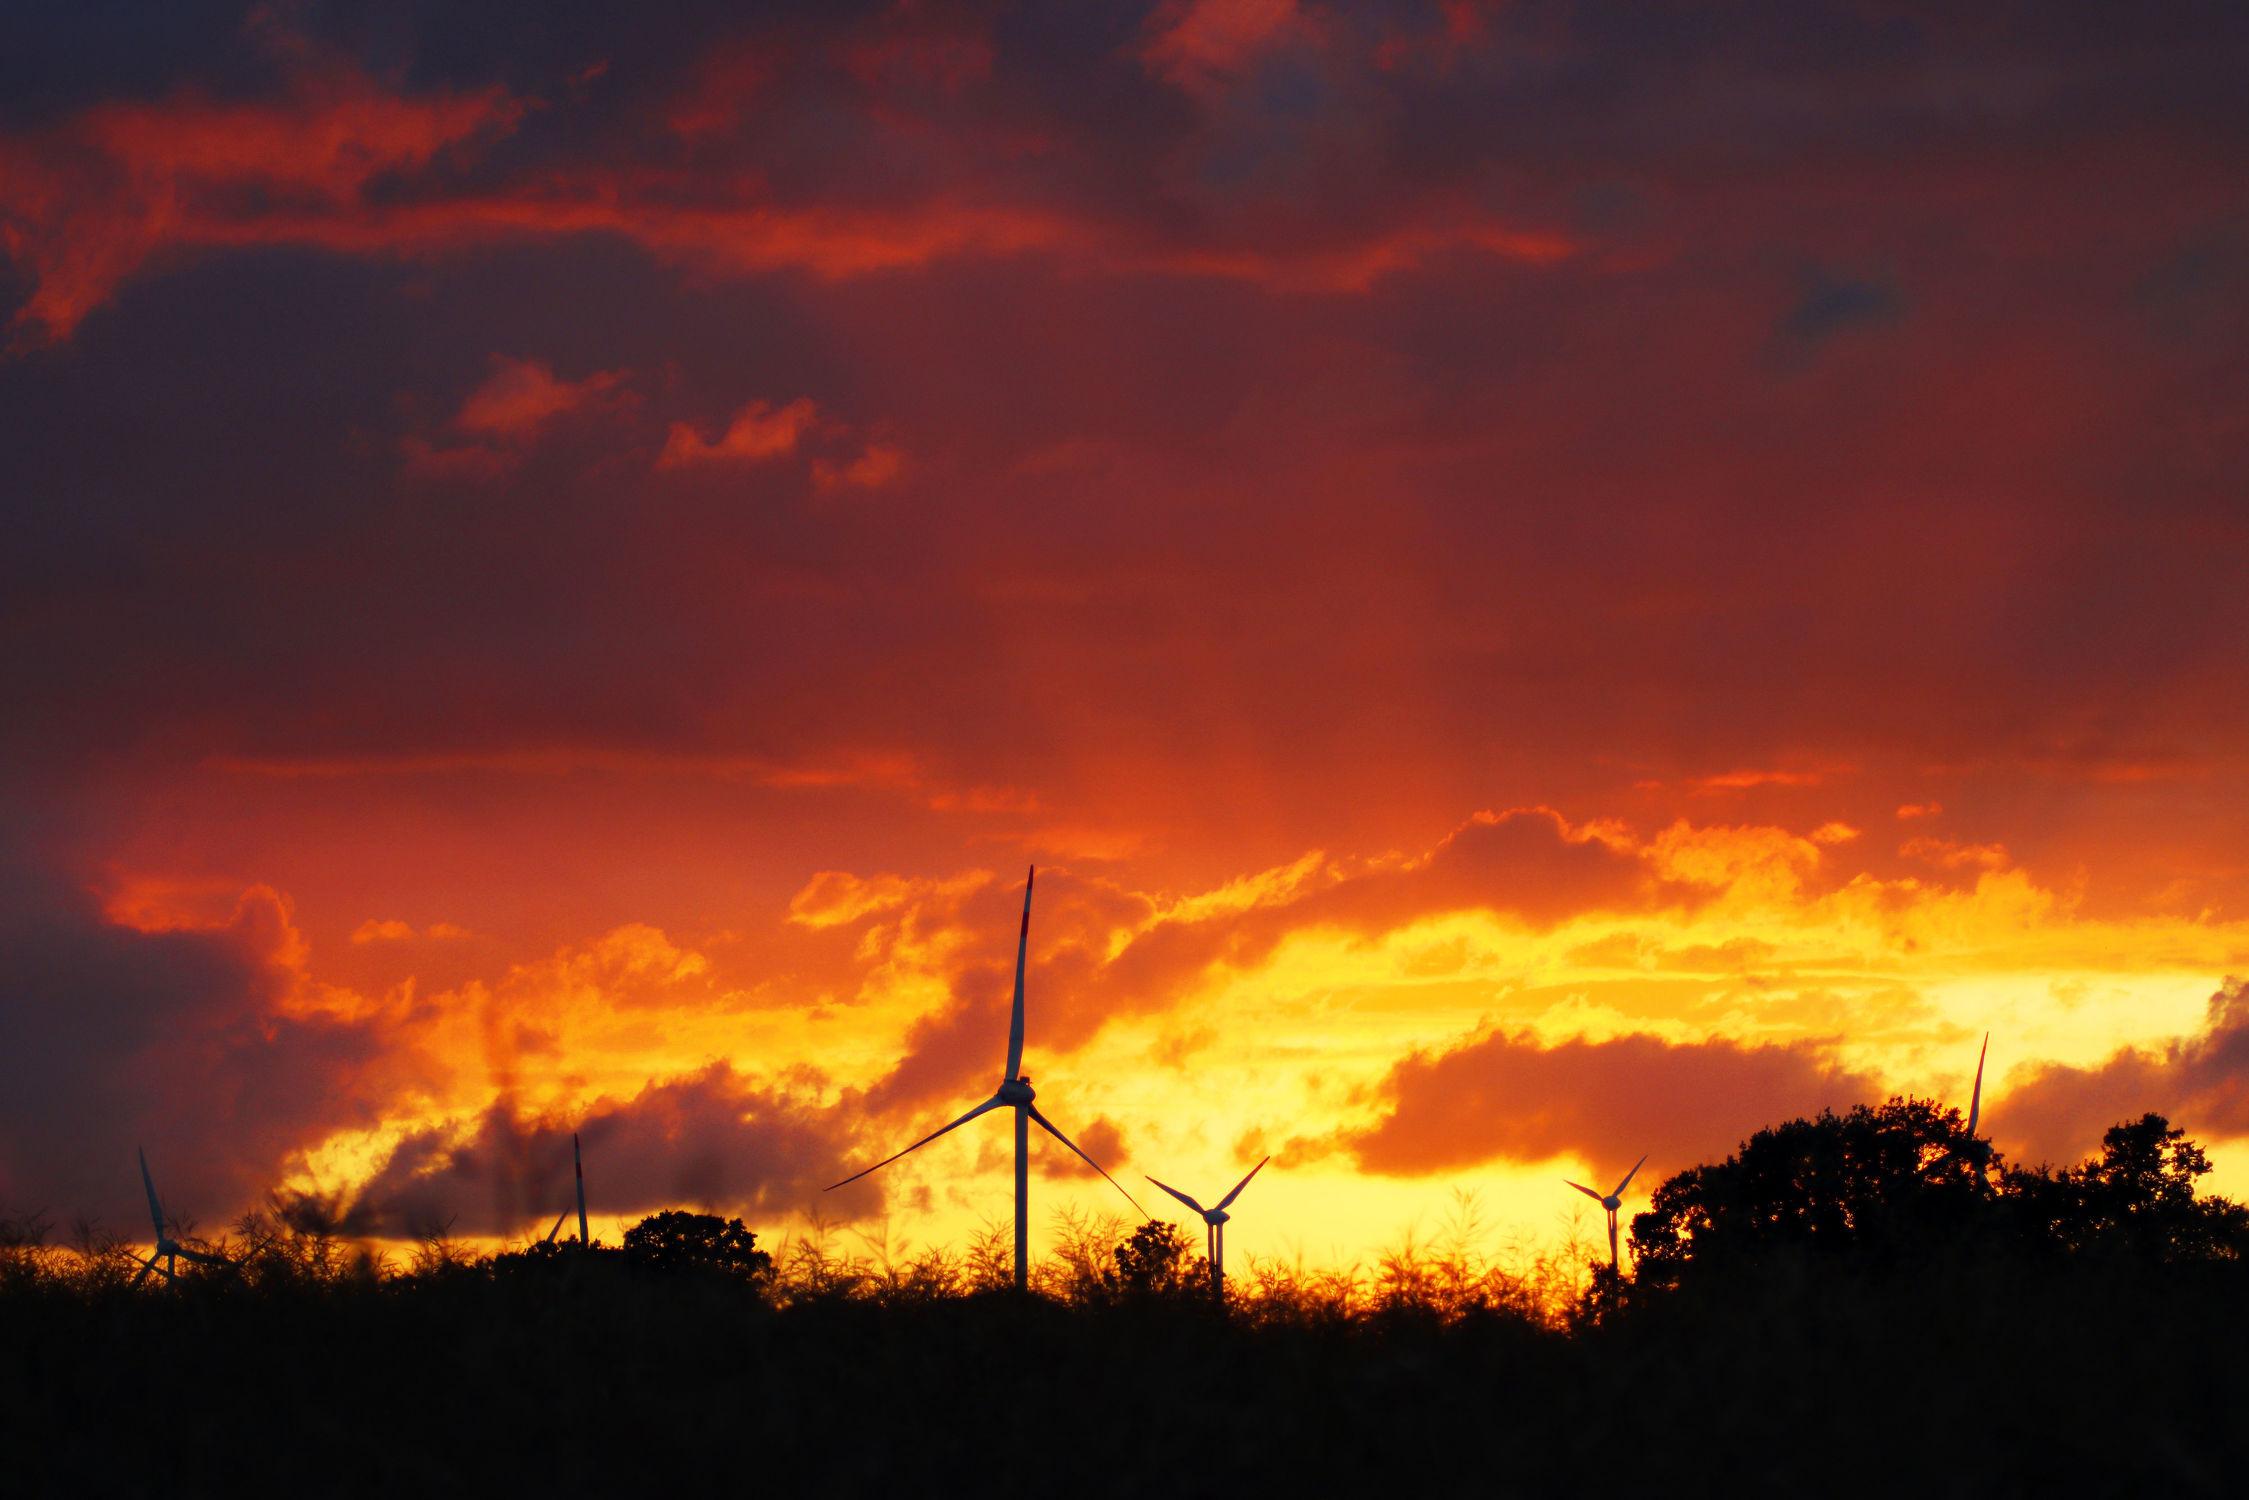 Bild mit Himmel, Sonnenuntergang, Sonnenaufgang, Dämmerung, Landschaft, Sunset, Abend, Abendlicht, Abenddämmerung, Abendstimmung, Abendhimmel, Windräder, windrad, brennender Himmel, Feuerrot